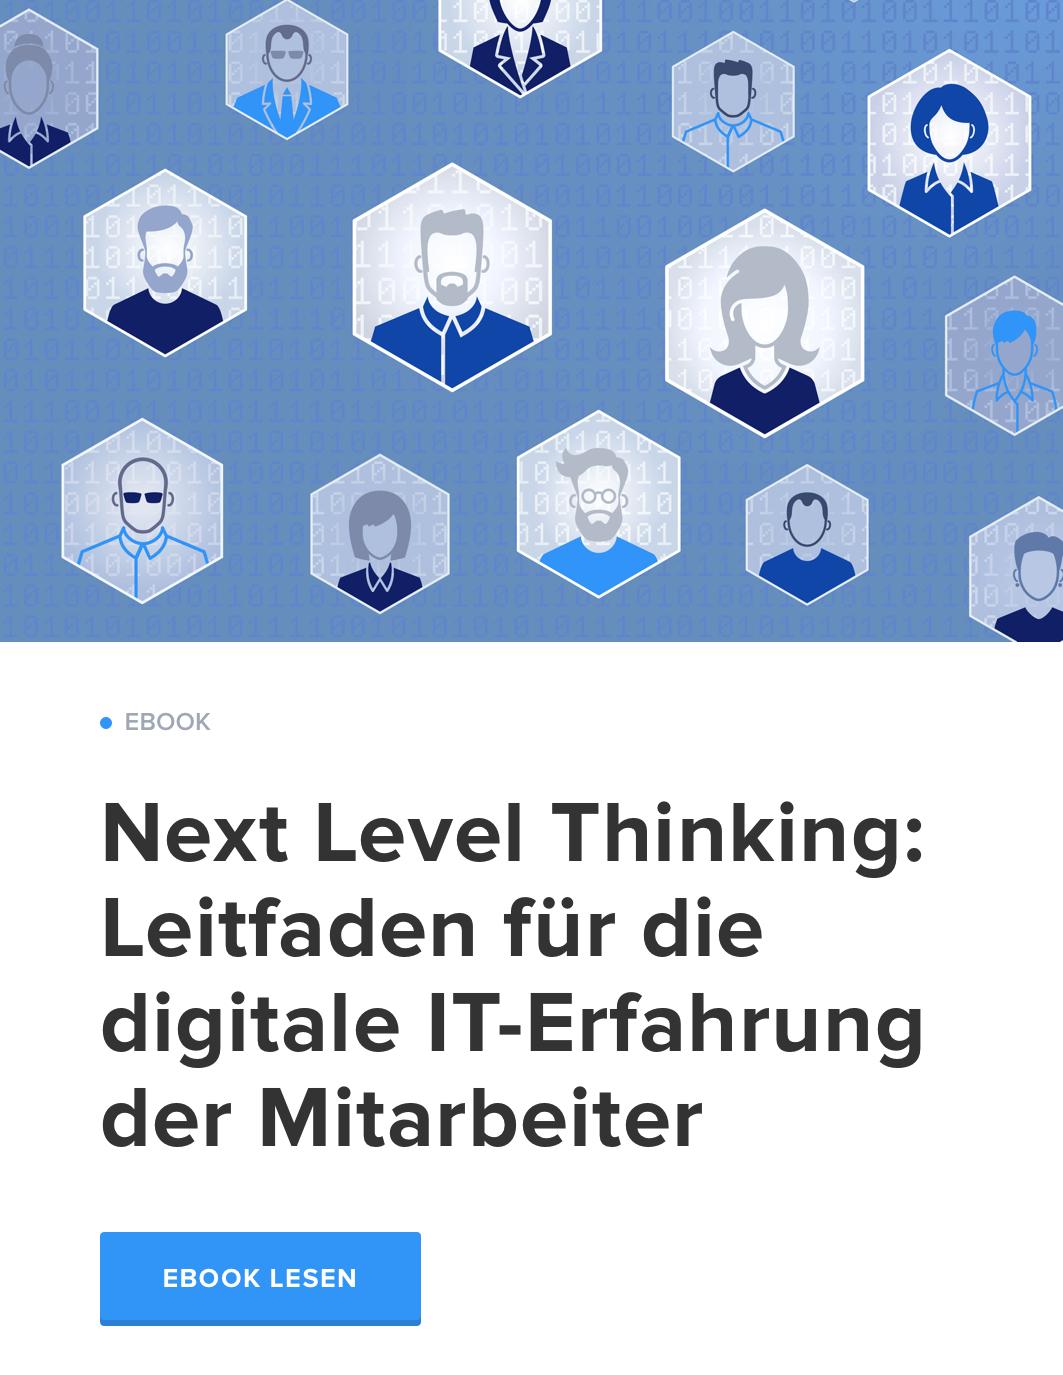 Next Level Thinking: Leitfaden für die digitale IT-Erfahrung der Mitarbeiter